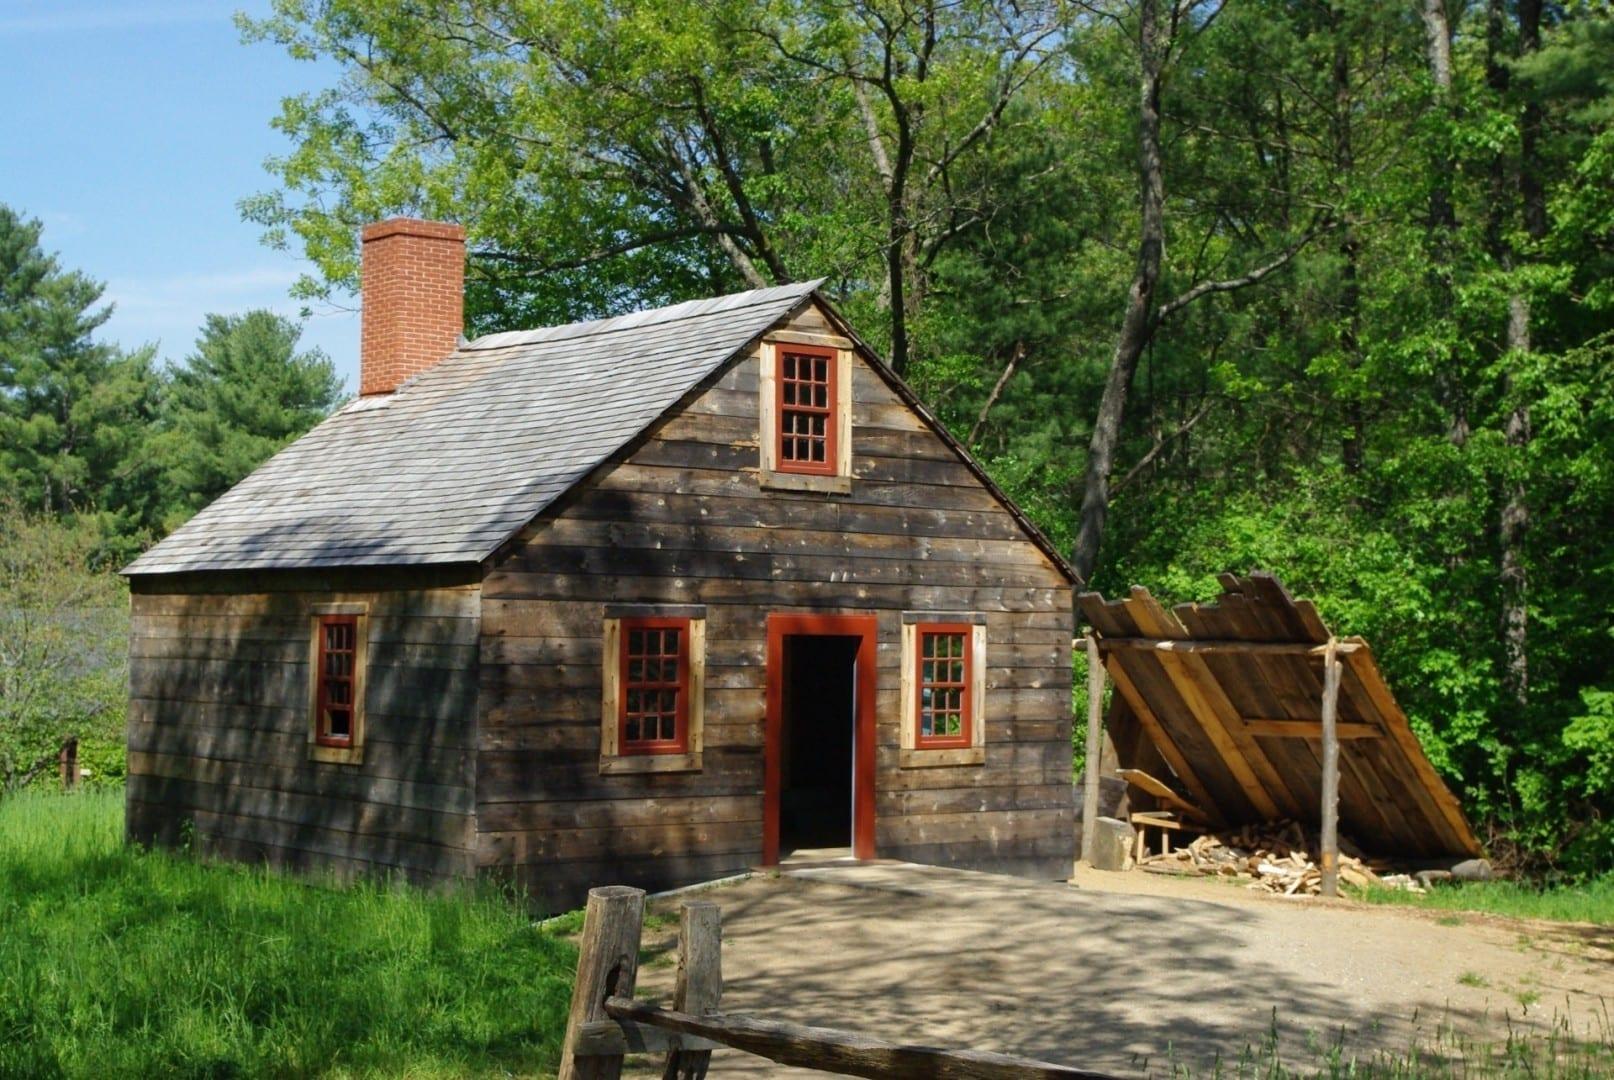 Una pequeña casa en Old Sturbridge Village Sturbridge MA Estados Unidos